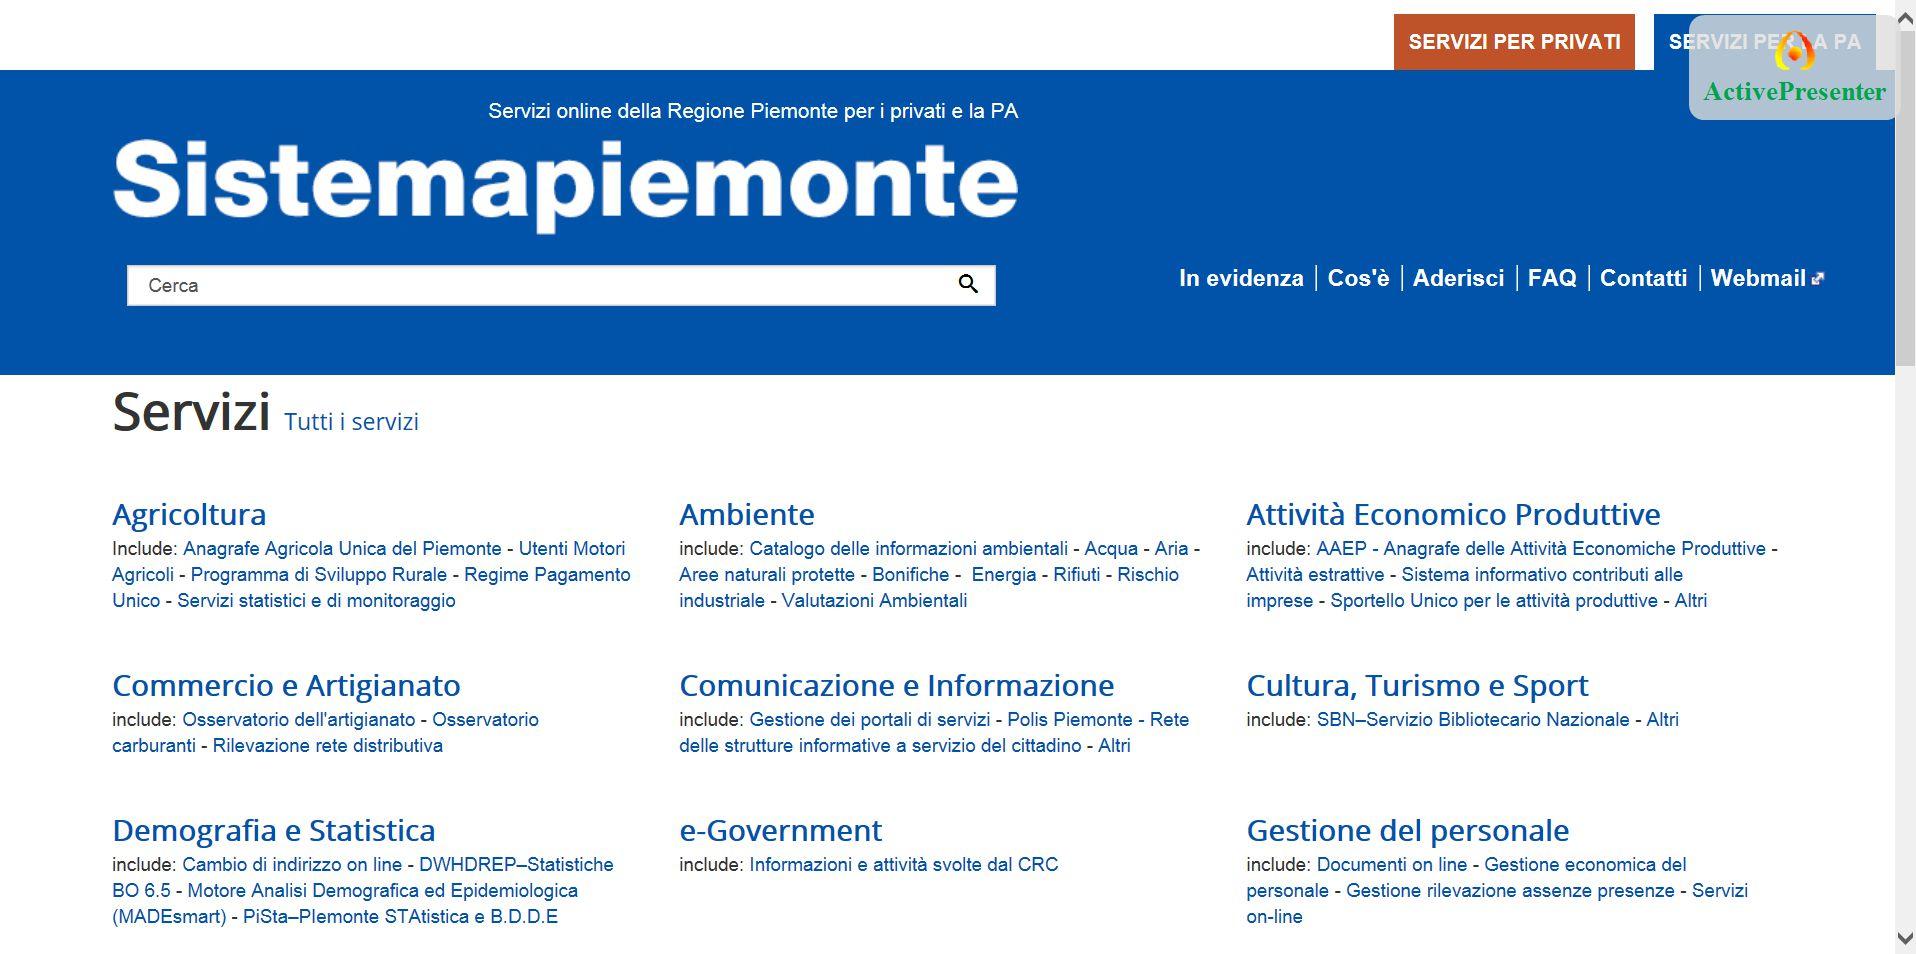 La cartella Elenco documenti contiene i report condivisi